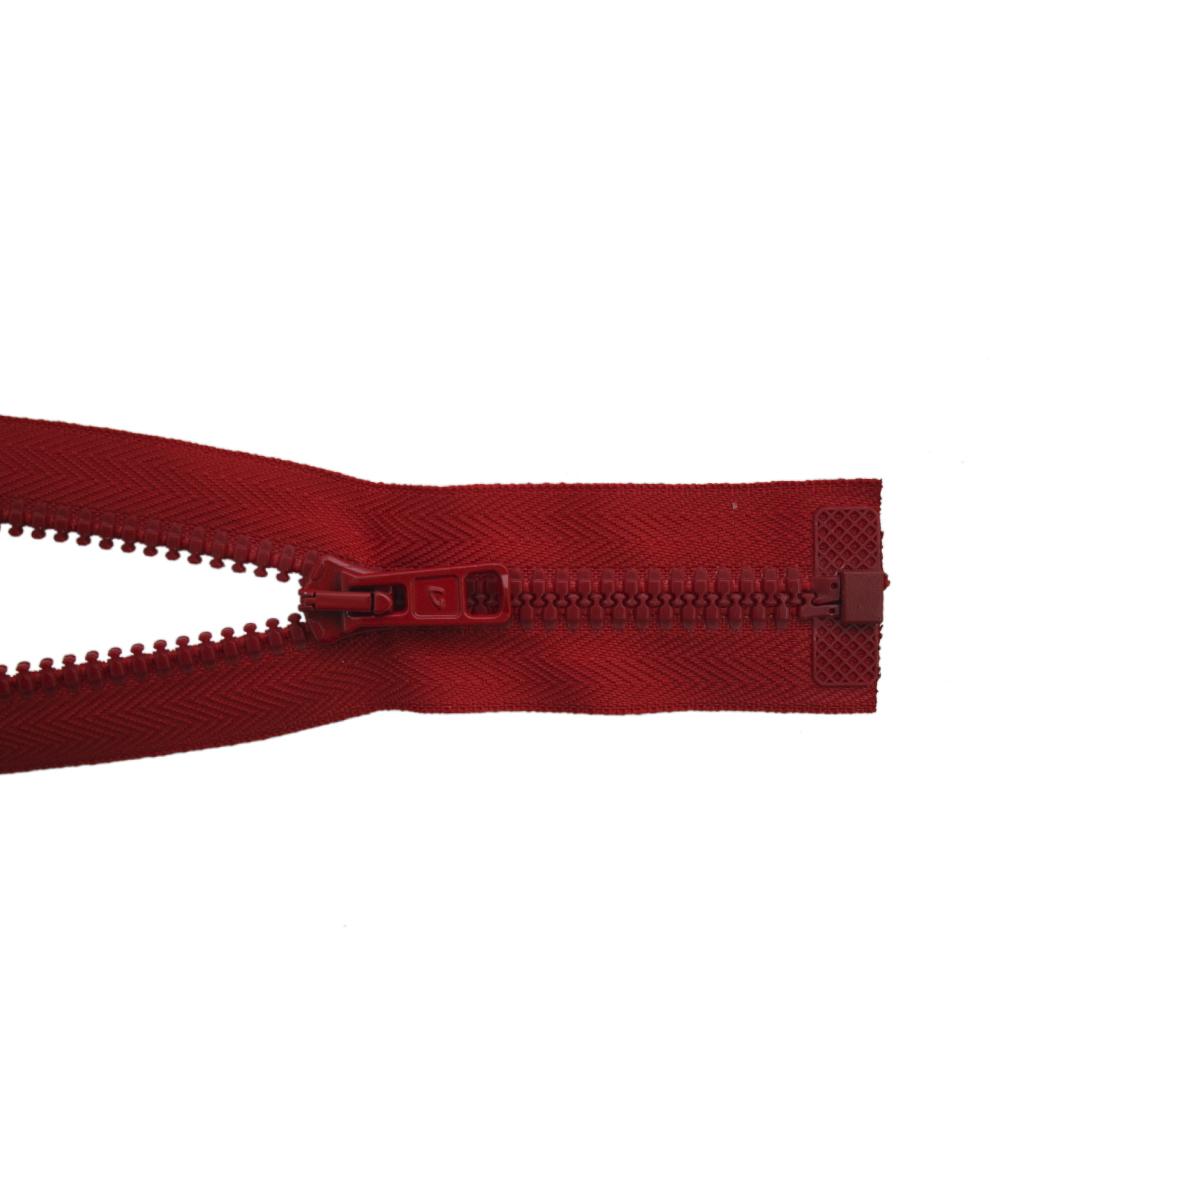 Застежка-молния трактор Arta-F, разъемная (1 замок,Т6) , цвет: красный (008), 50 см19350-008Продукция ARTA-F сертифицирована на Российский, Британский и Латвийский стандарт. Фурнитура ARTA-F изготавливается из европейских материалов, на современном оборудовании, в соответствии с высокими требованиями стандартов. Вся продукция фабрики проходит тесты на качество.Звено застежки-молнии Экстра имеет боковые приливы, которые исключают контакт замка с текстильной лентой, а сокращенный до минимума зазор между замком и приливами звена предохраняет от возможности попадания в замок подкладки, меха, нитей. В то же время эти меры повышают прочность застежки при высоких нагрузках, особенно на изгиб. Применение таких приливов на молниях ARTA-F не только повышает эксплуатационные качества застежки, но и увеличивает прочность крепления звена к ленте, и продлевает срок службы застежек-молний ARTA-F. Такая застежка-молния безопасна, легка в использовании и не повредит одежду.